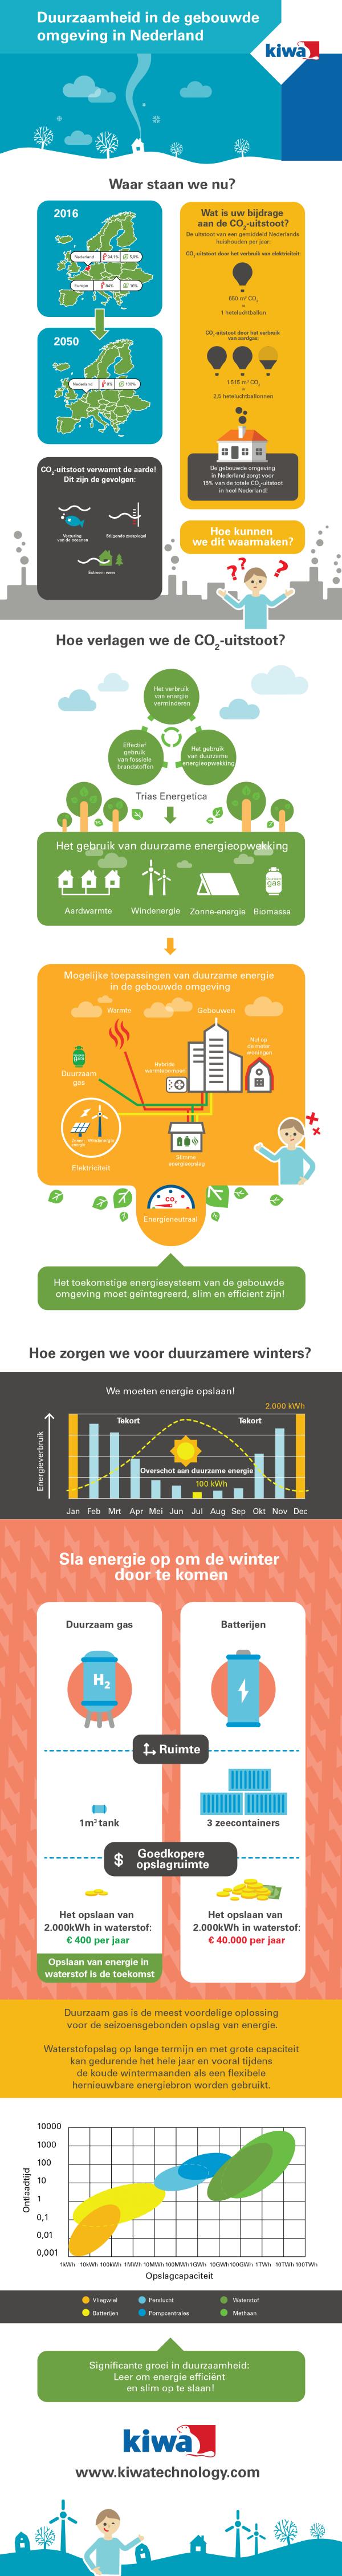 Duurzaamheid in de gebouwde omgeving in Nederland